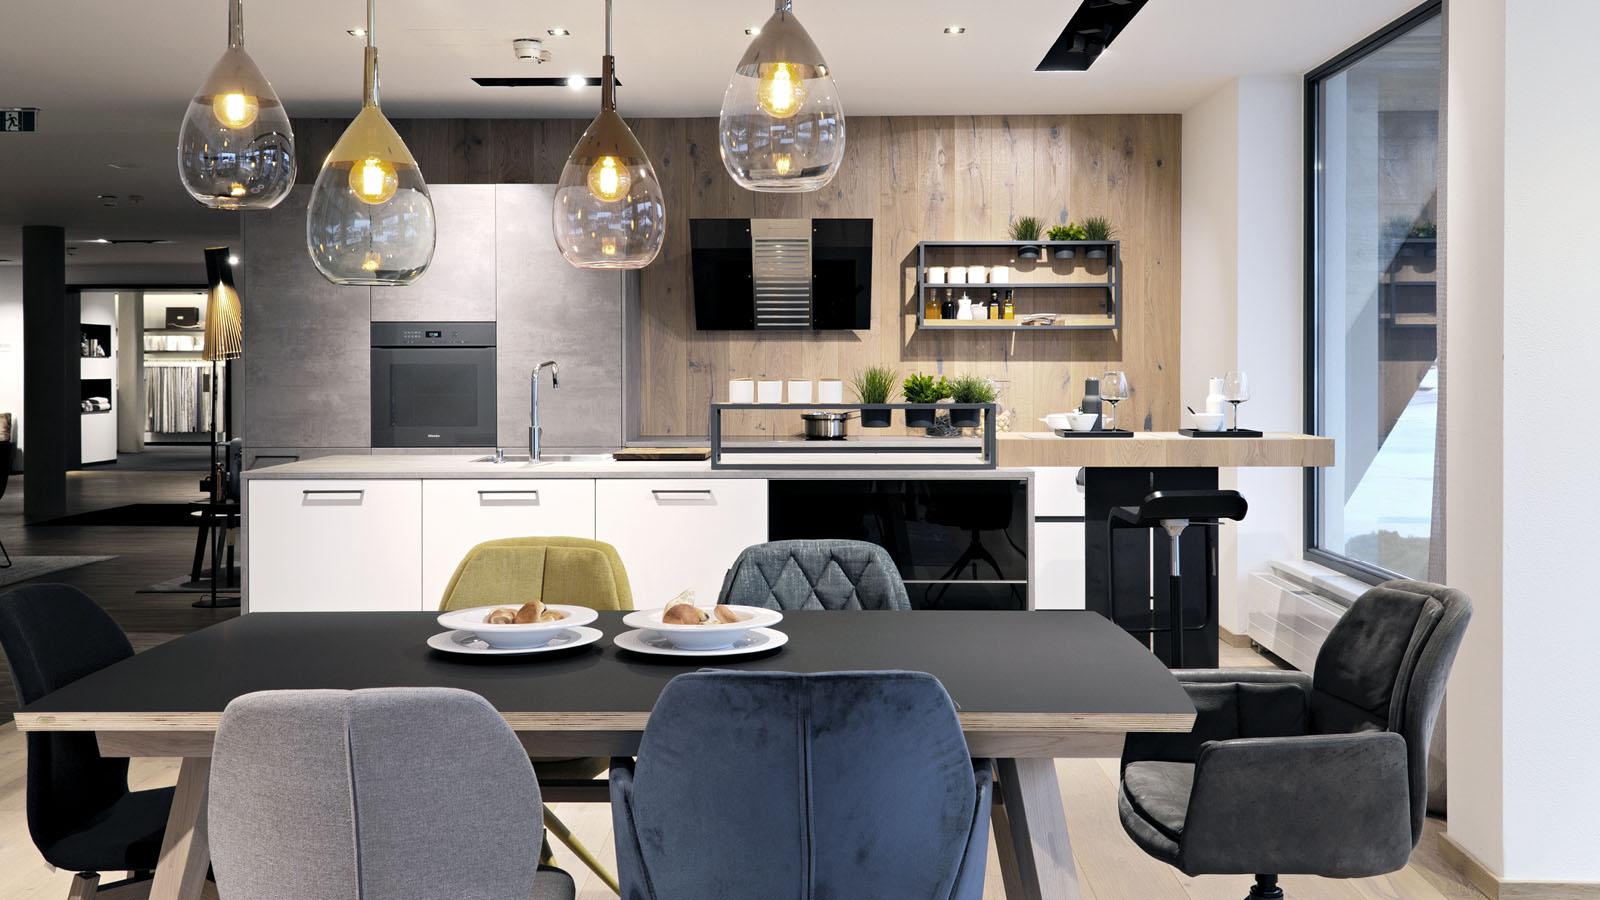 Bunte Ledersessel um einen Tisch, Küche mit Frühstücksbar im Hintergrund